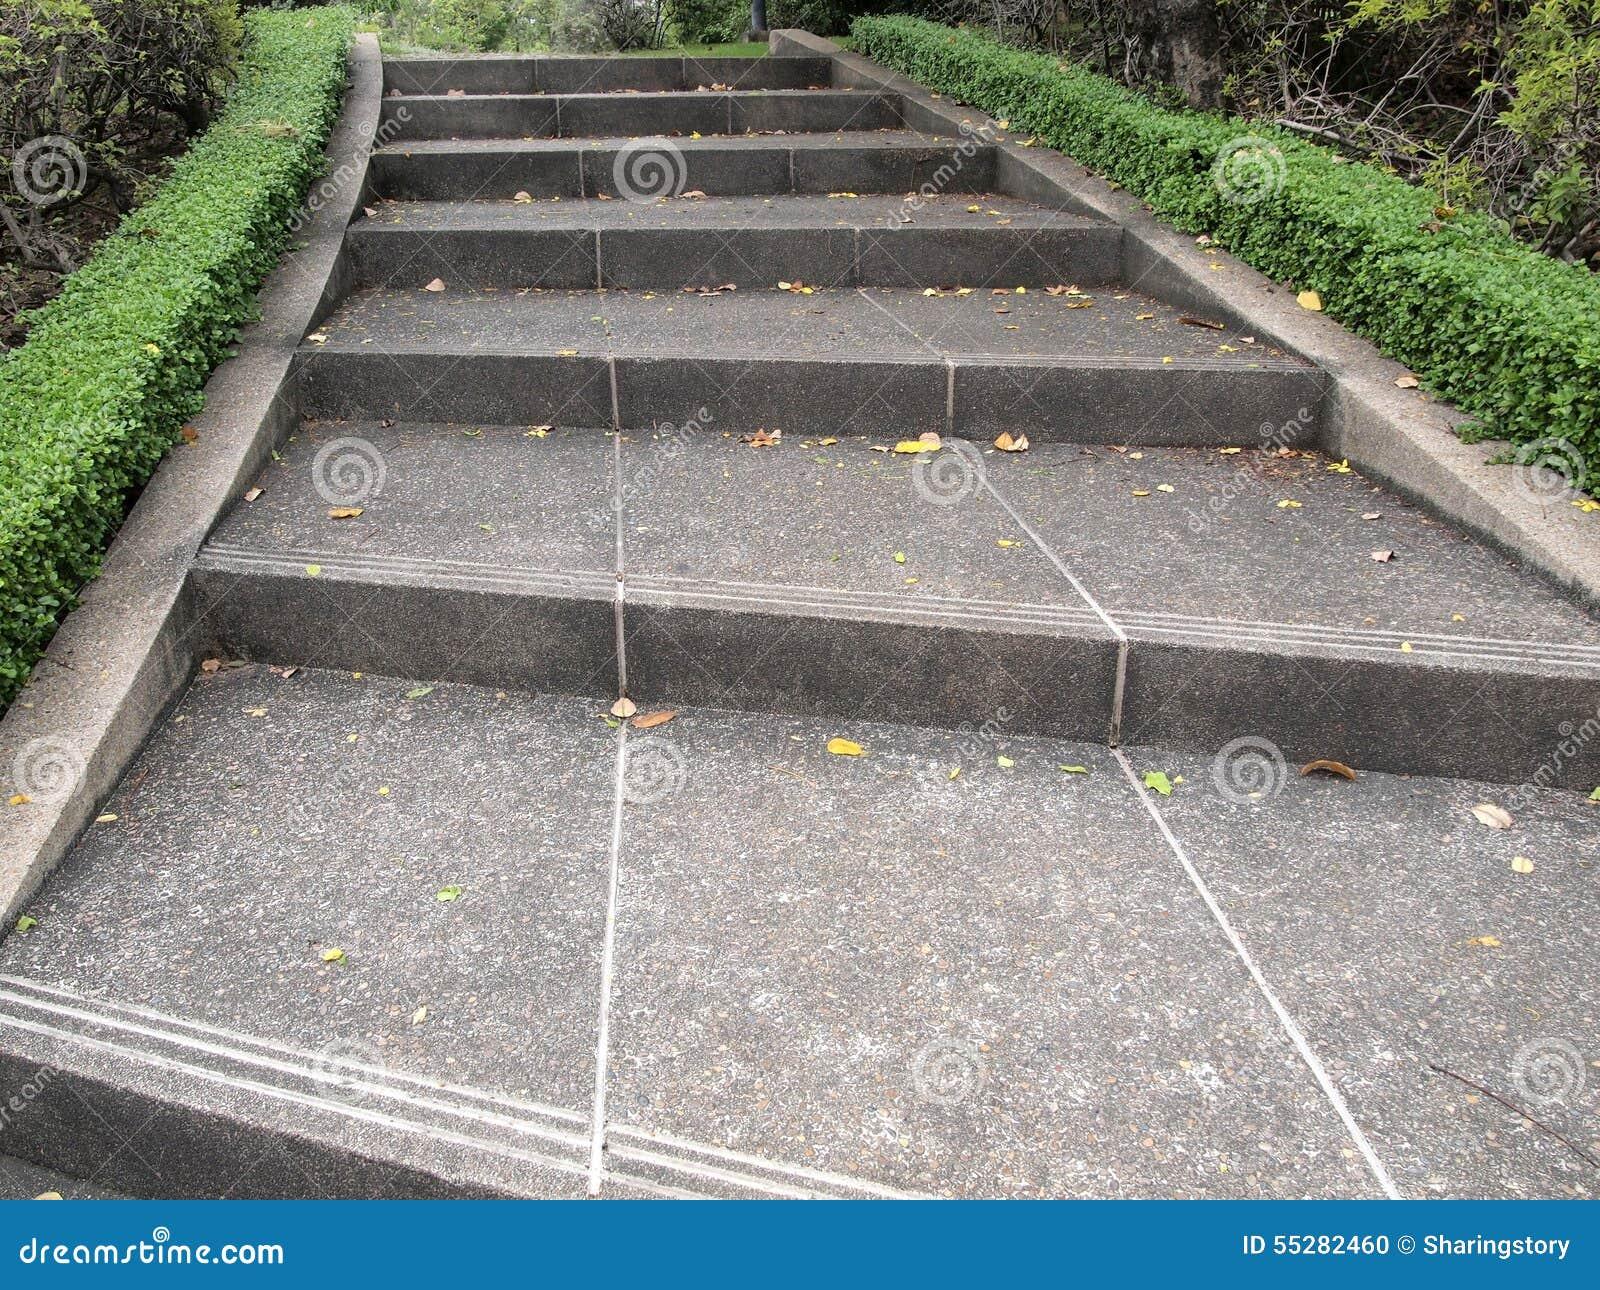 Escaleras de jardin interesting dise o jardin asturias m parcela escaleras con with escaleras - Escaleras jardin ...